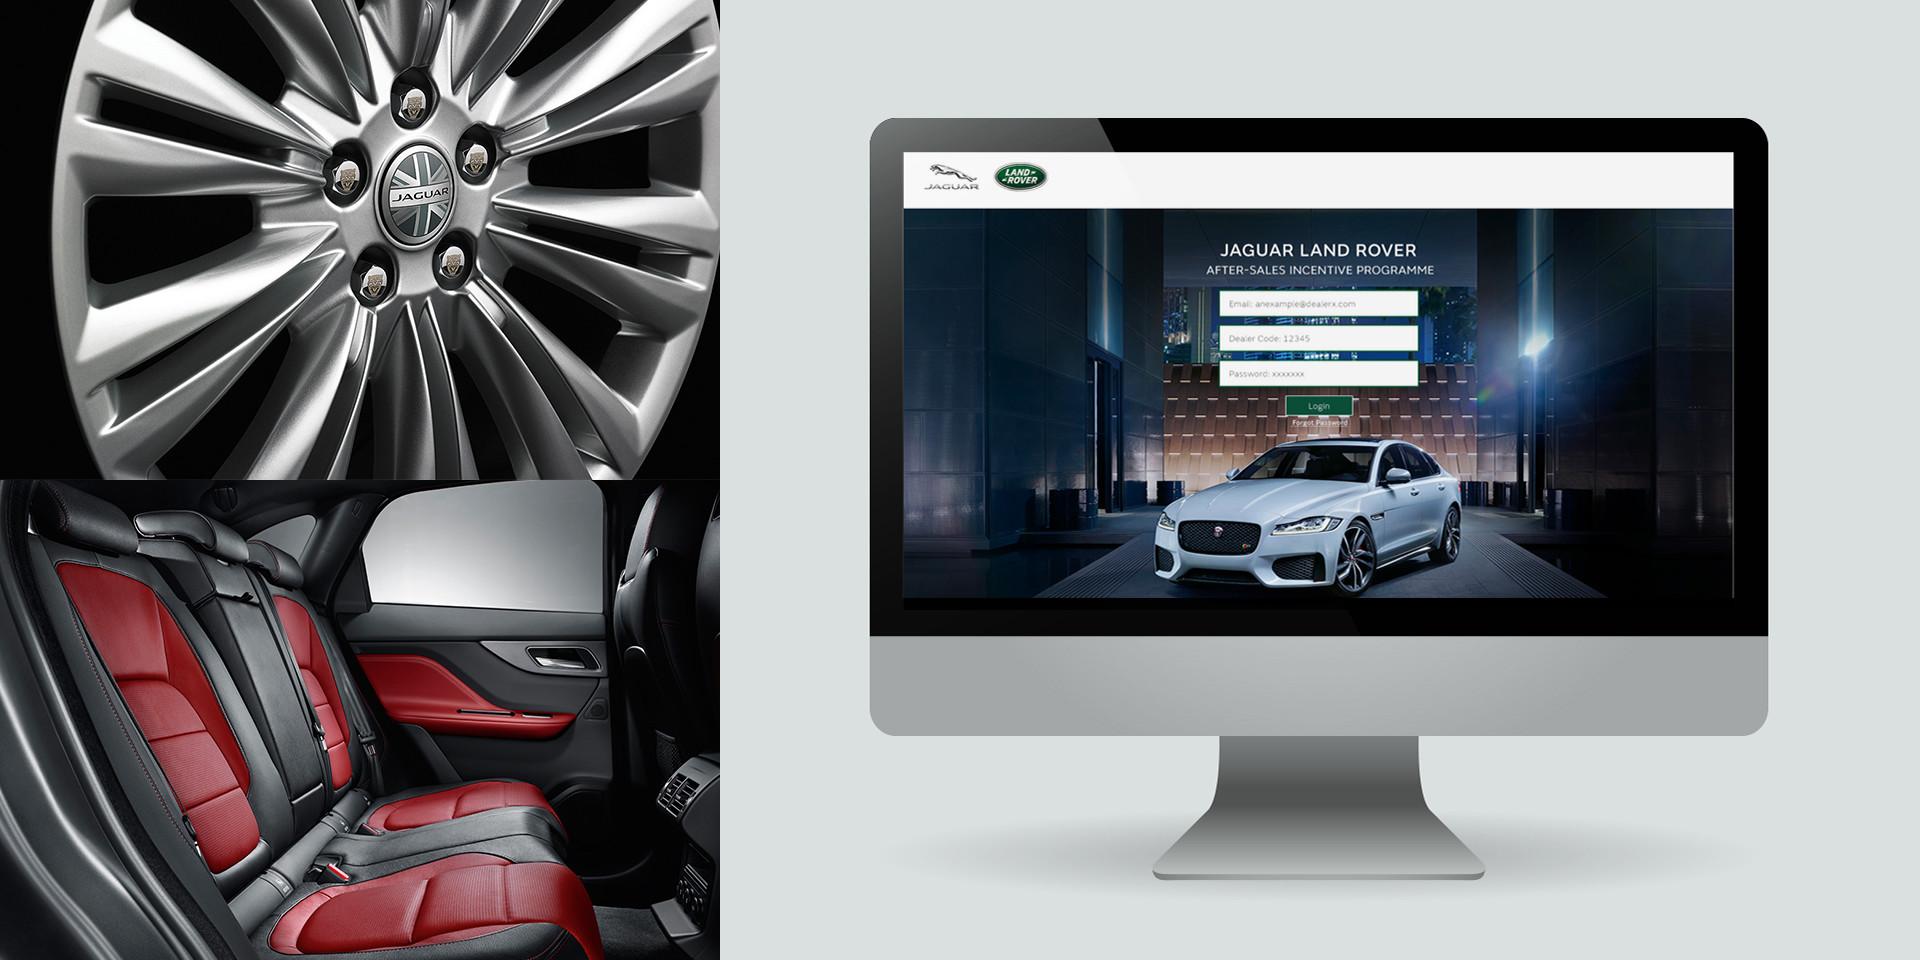 jaguar land rover mockup desktop after sales